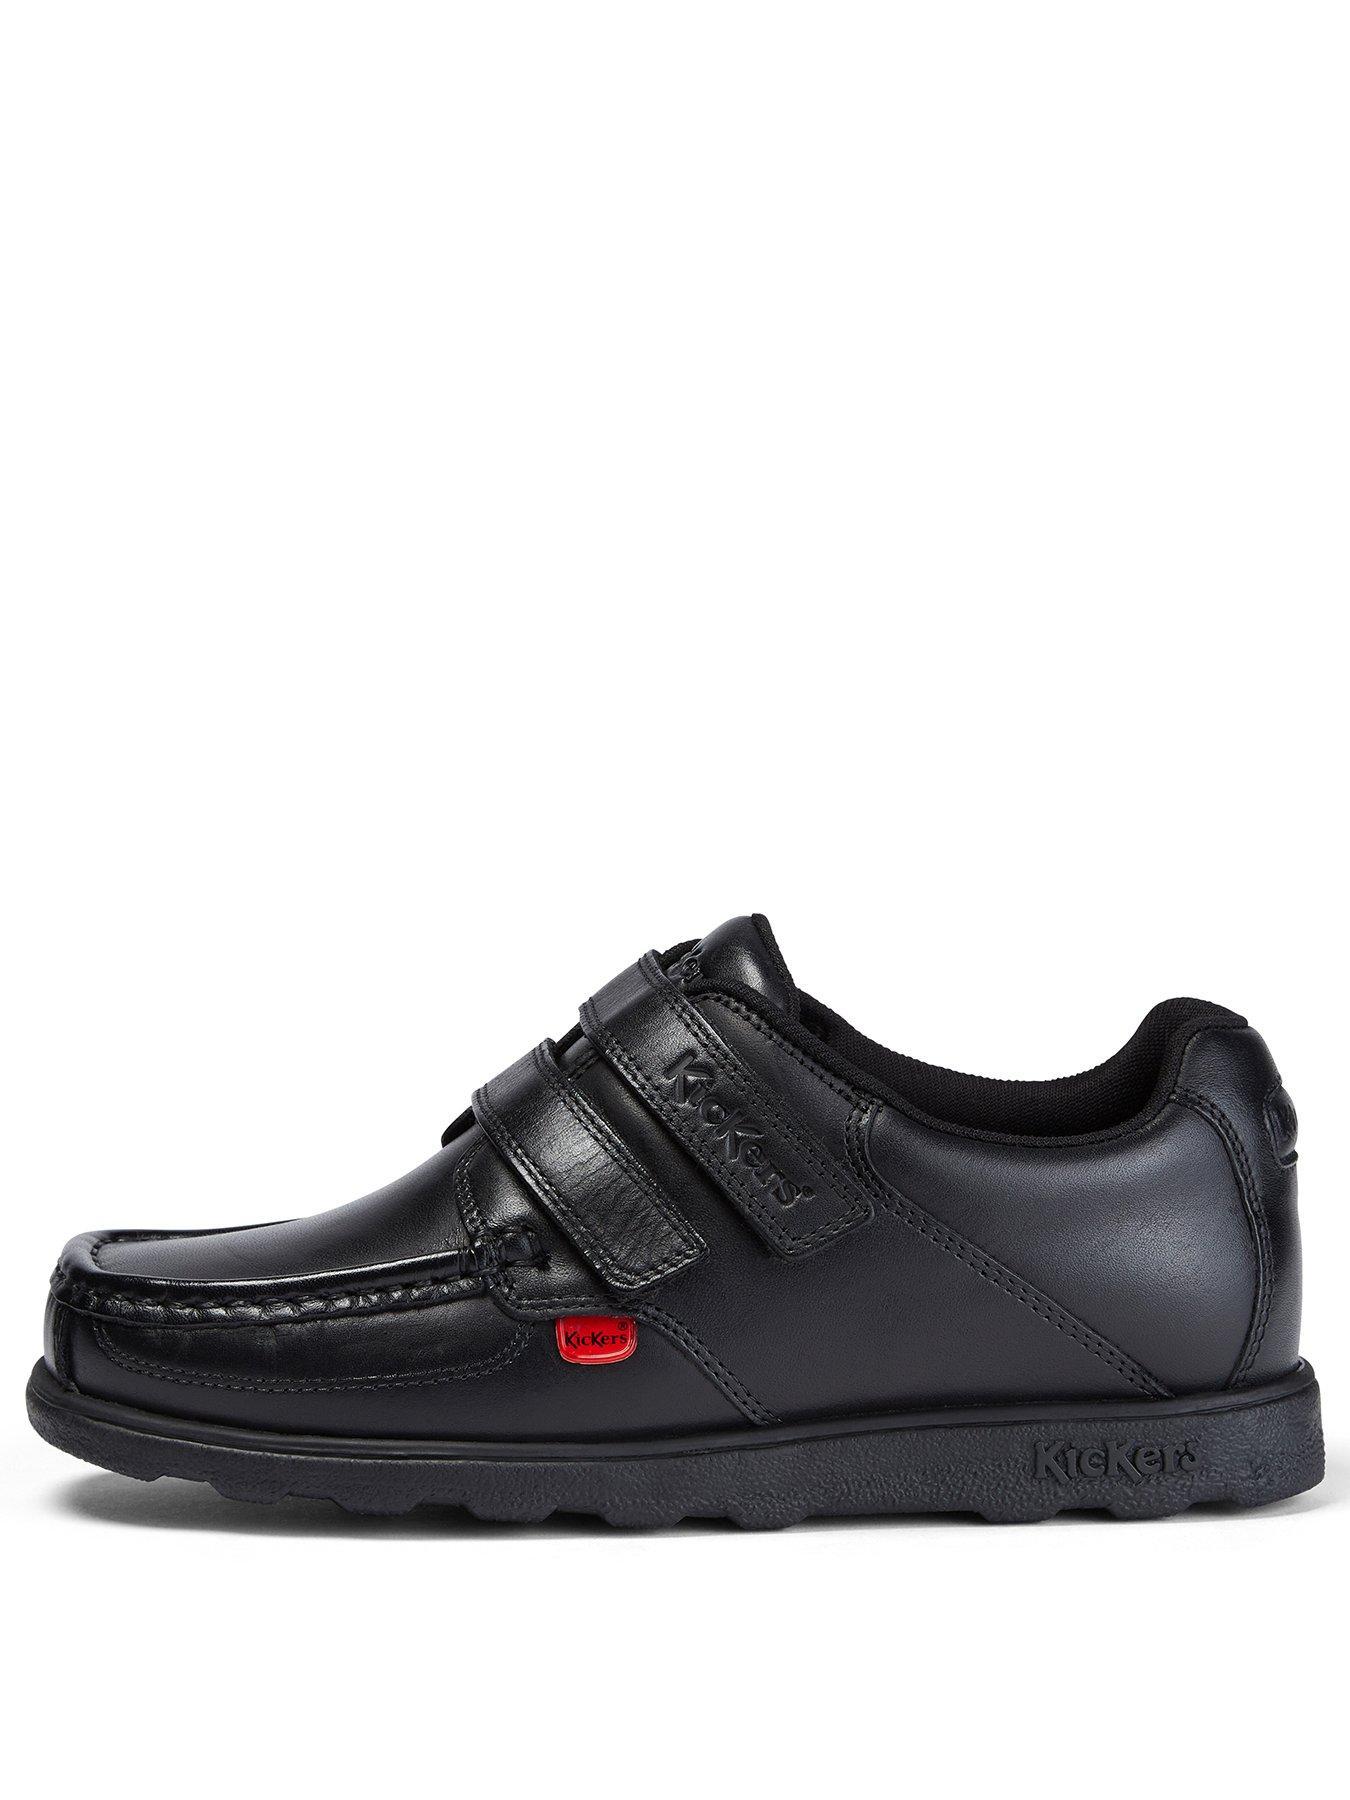 104 Best Shoes Boys images | Boys